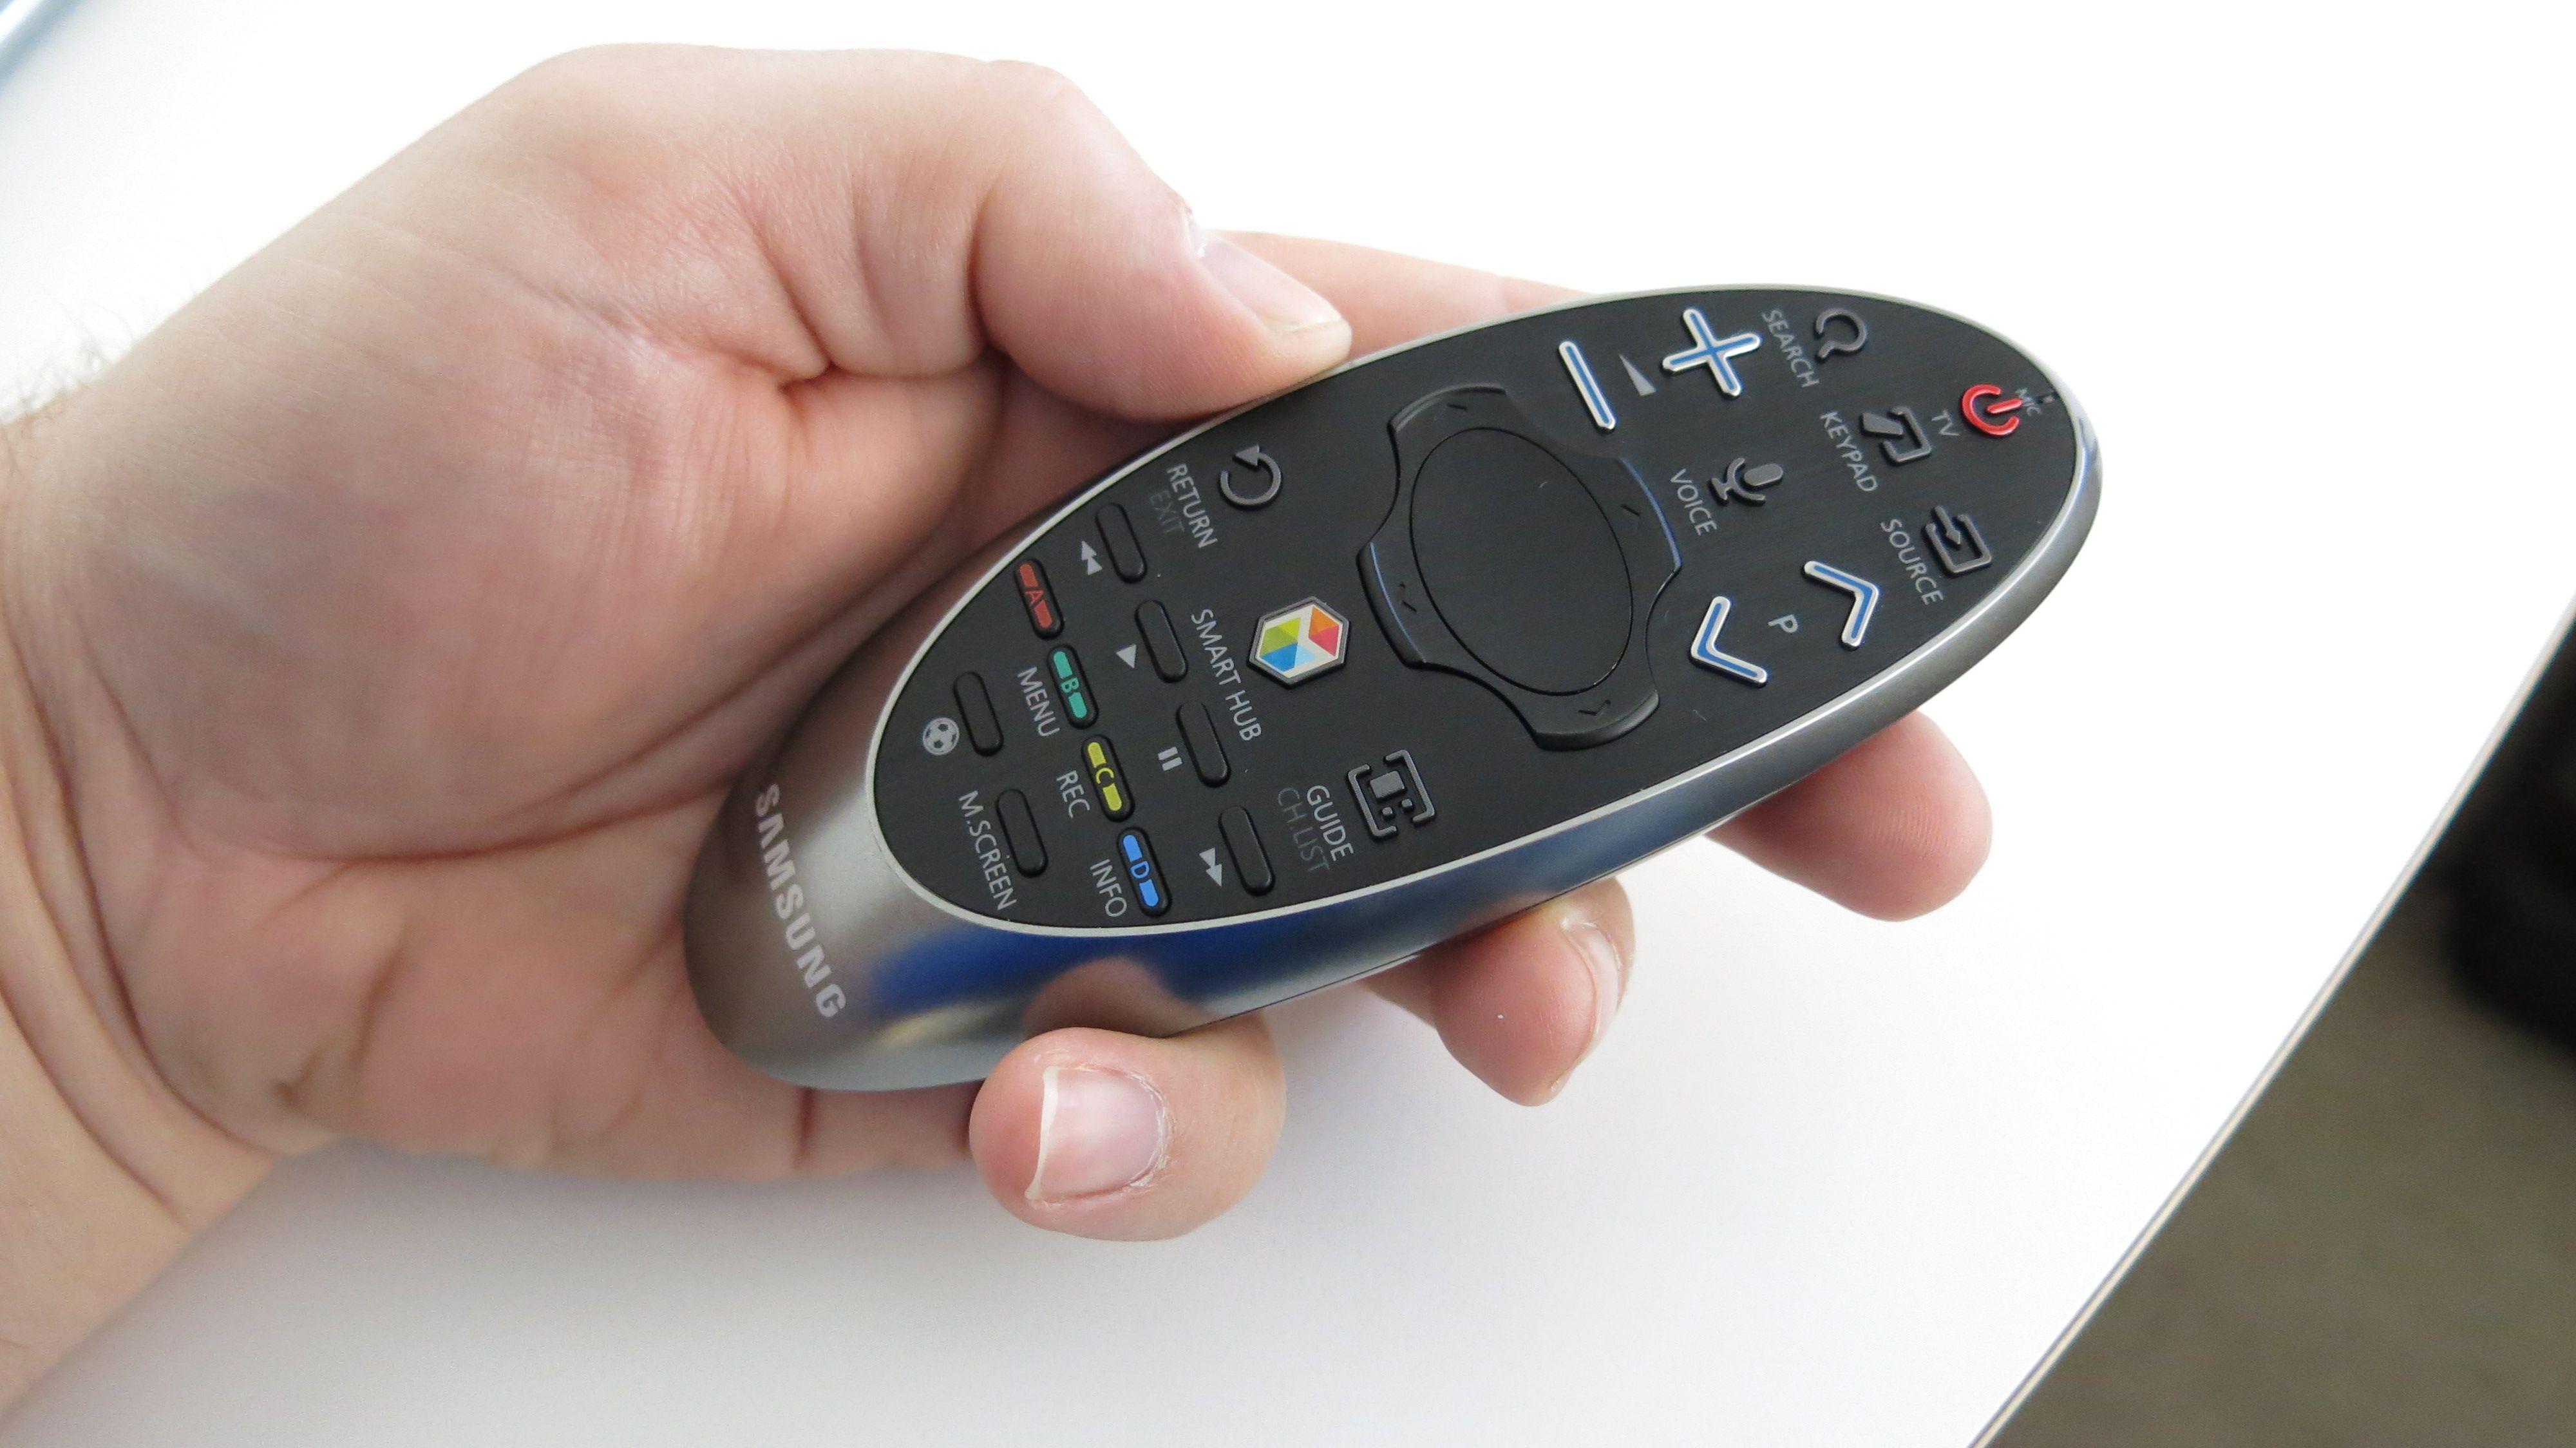 Den nye fjernkontrollen til H8005 kan brukes til å peke mot TV-en.Foto: Ole Henrik Johansen / Hardware.no